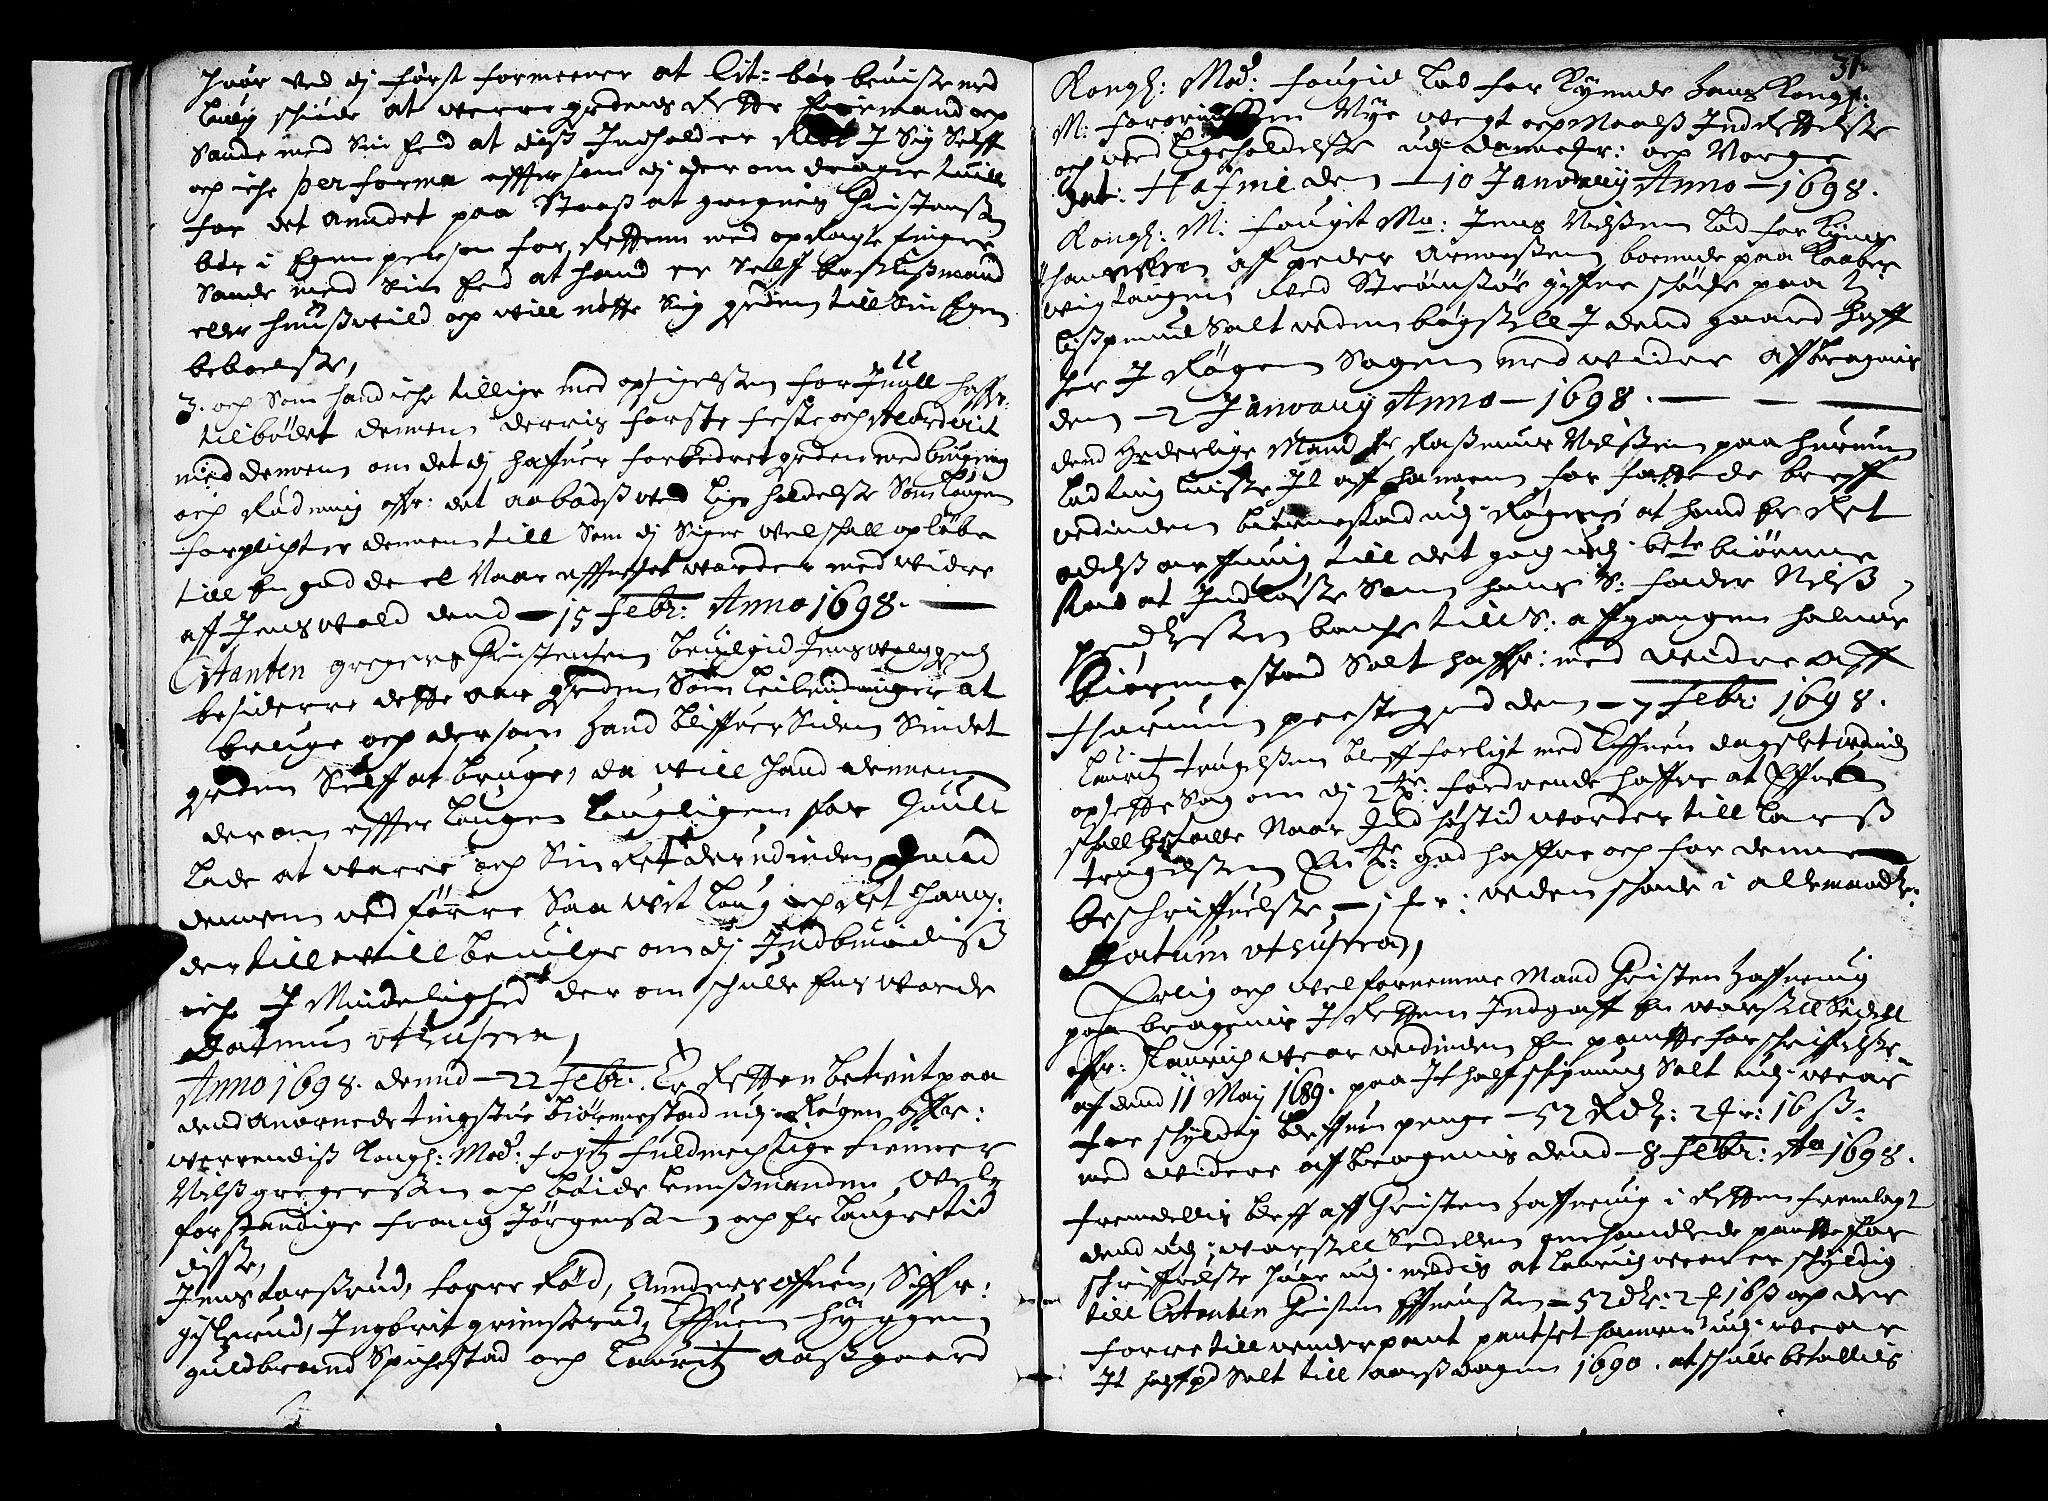 SAKO, Lier, Røyken og Hurum sorenskriveri, F/Fa/L0037: Tingbok, 1697-1699, s. 31